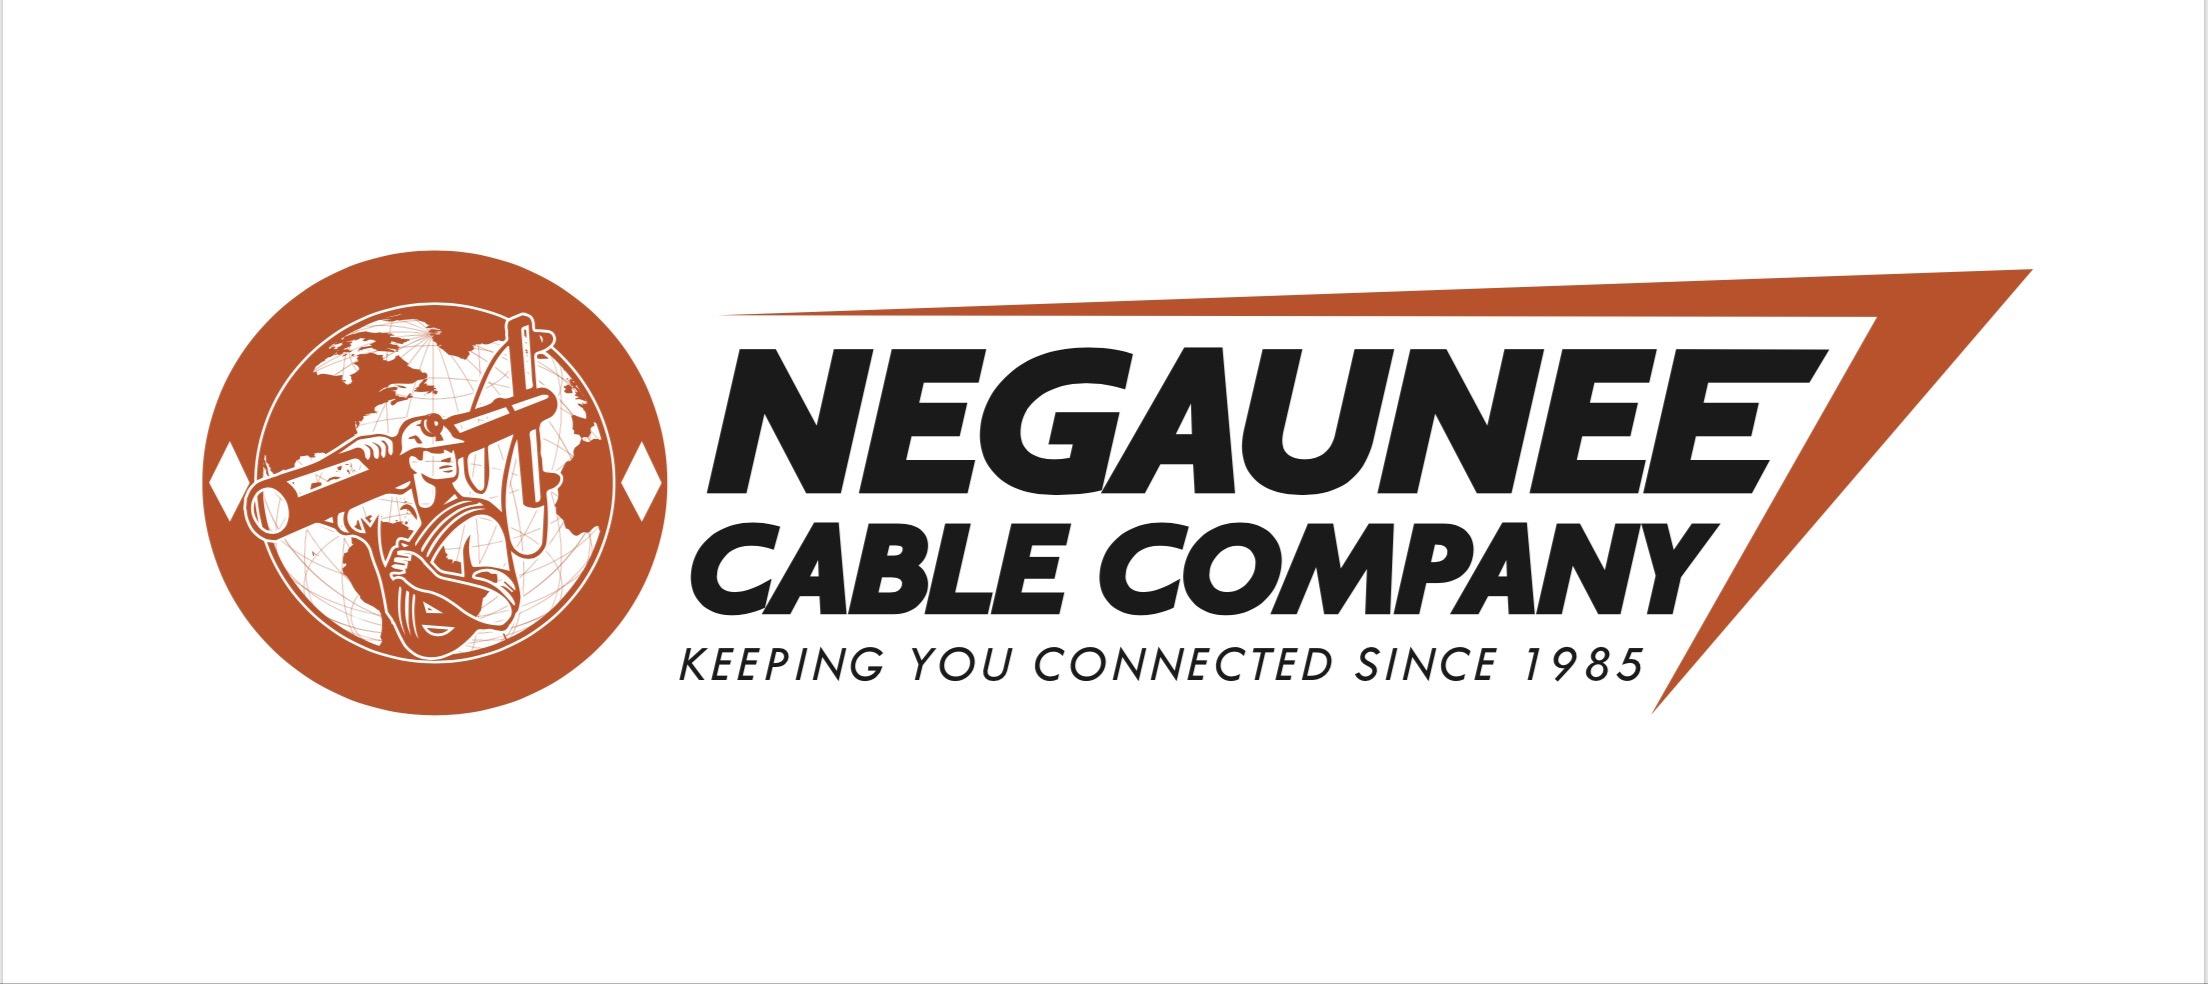 Negauneecable.com